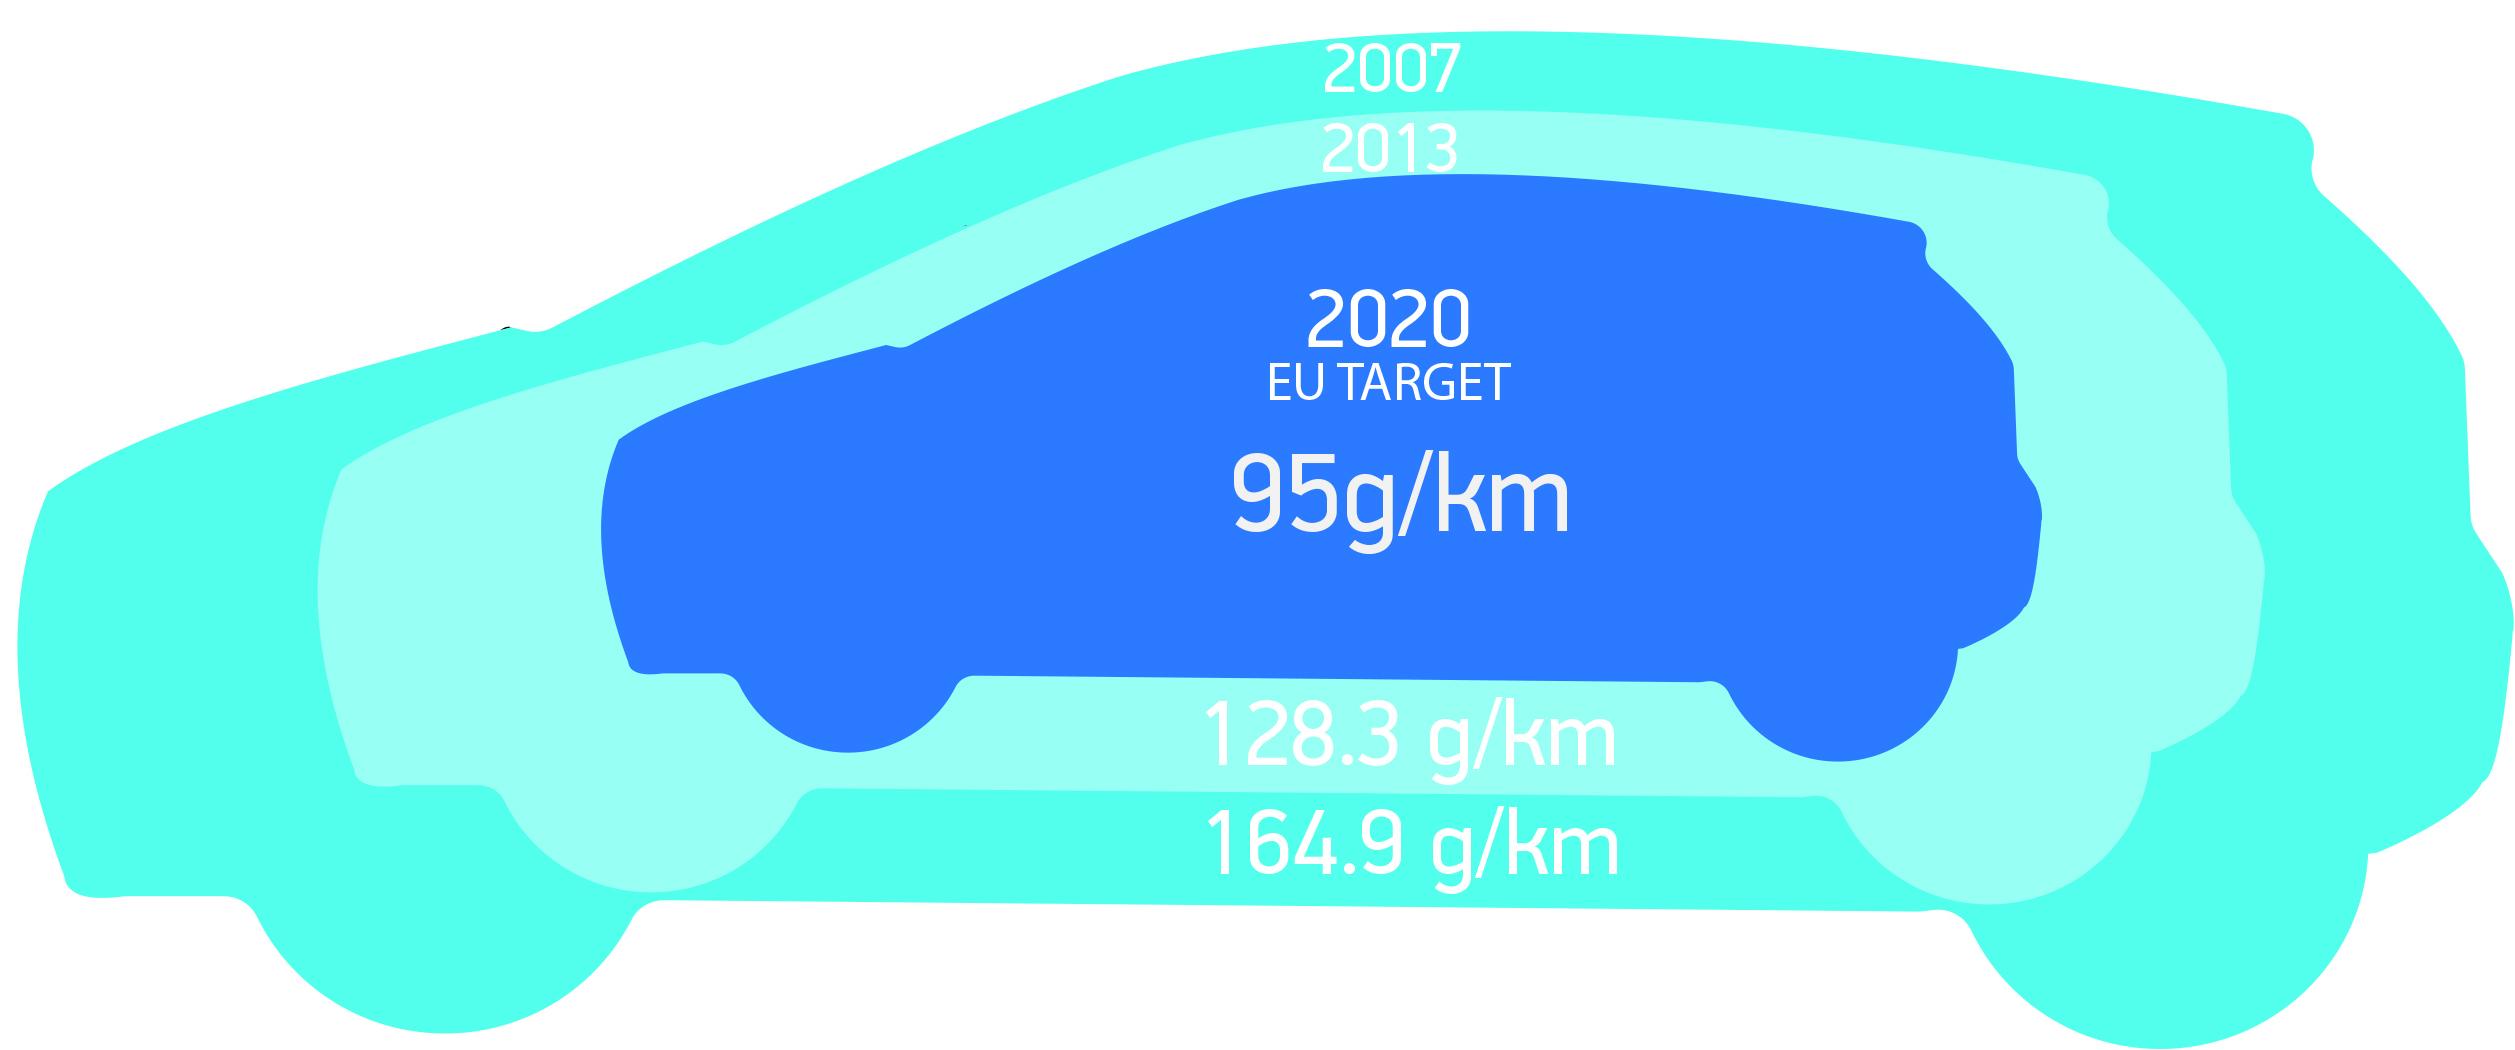 uk passes eu new car co2 emissions landmark smmt. Black Bedroom Furniture Sets. Home Design Ideas